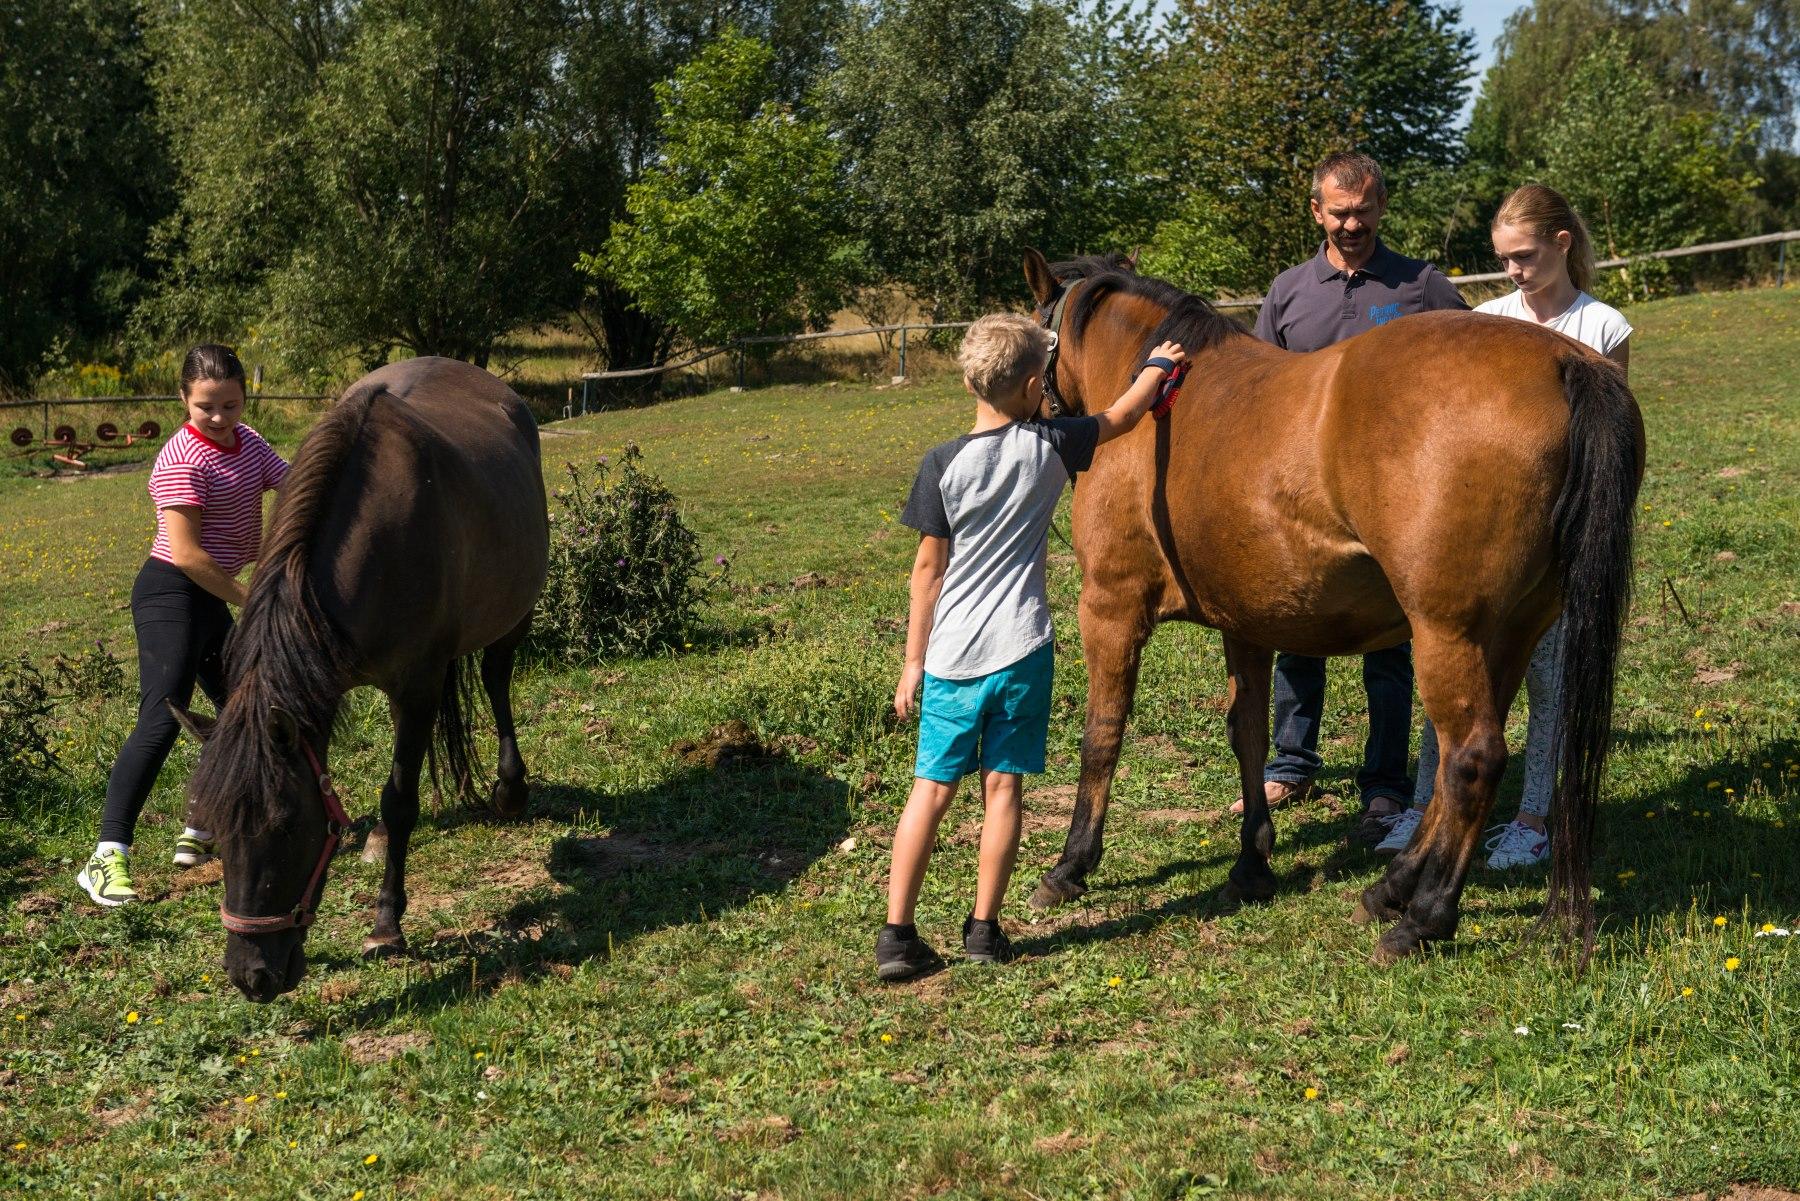 Dzieci i dorośli bawią się z końmi na łące